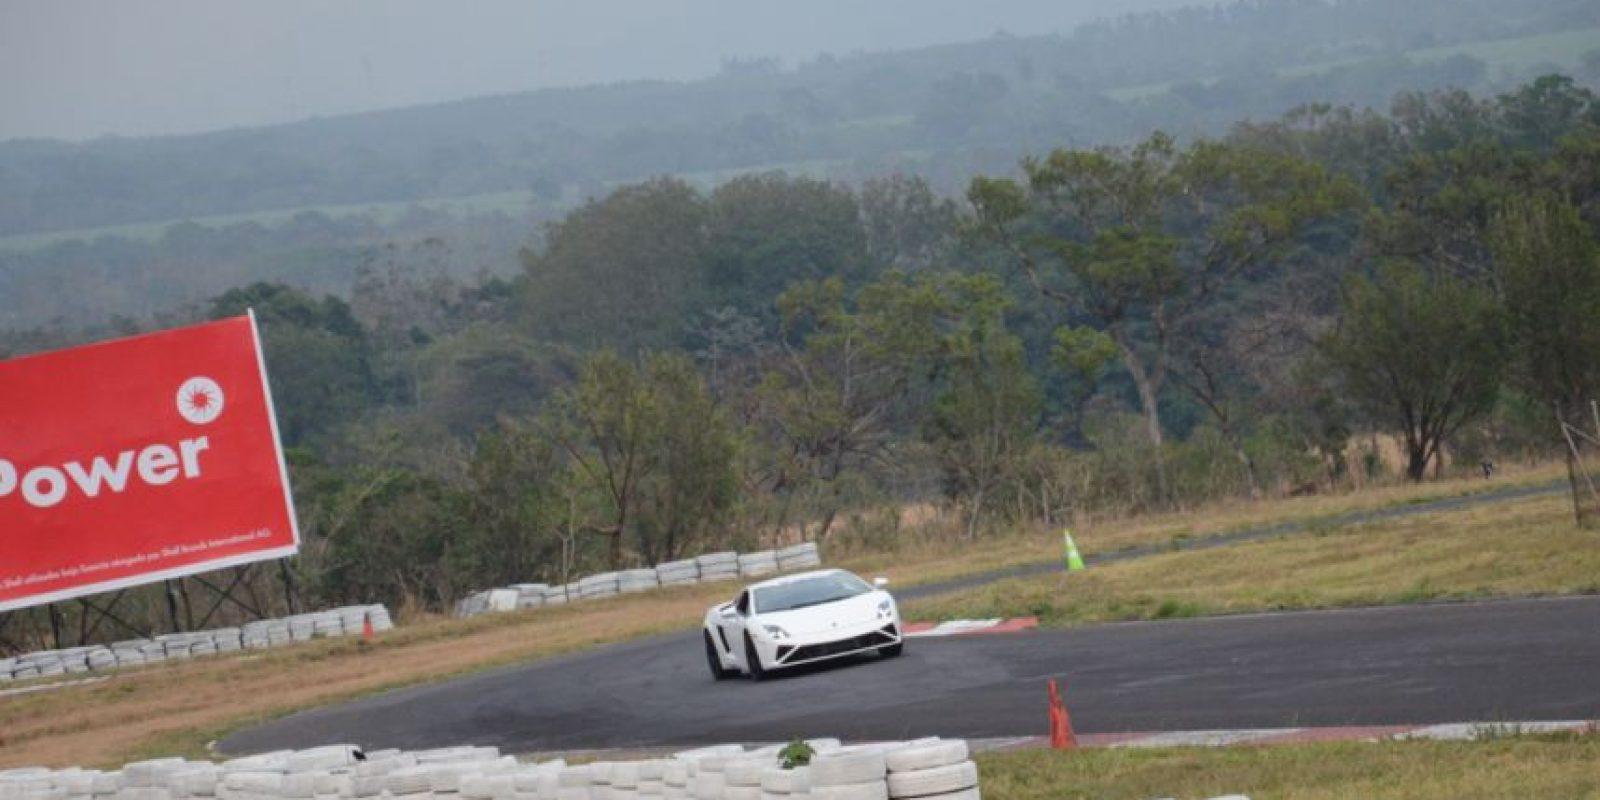 Los precios oscilan de US$150 a US$190 dependiendo del vehículo y puedes conseguir tus pases en todoticket.com Foto:Luis Carlos Nájera